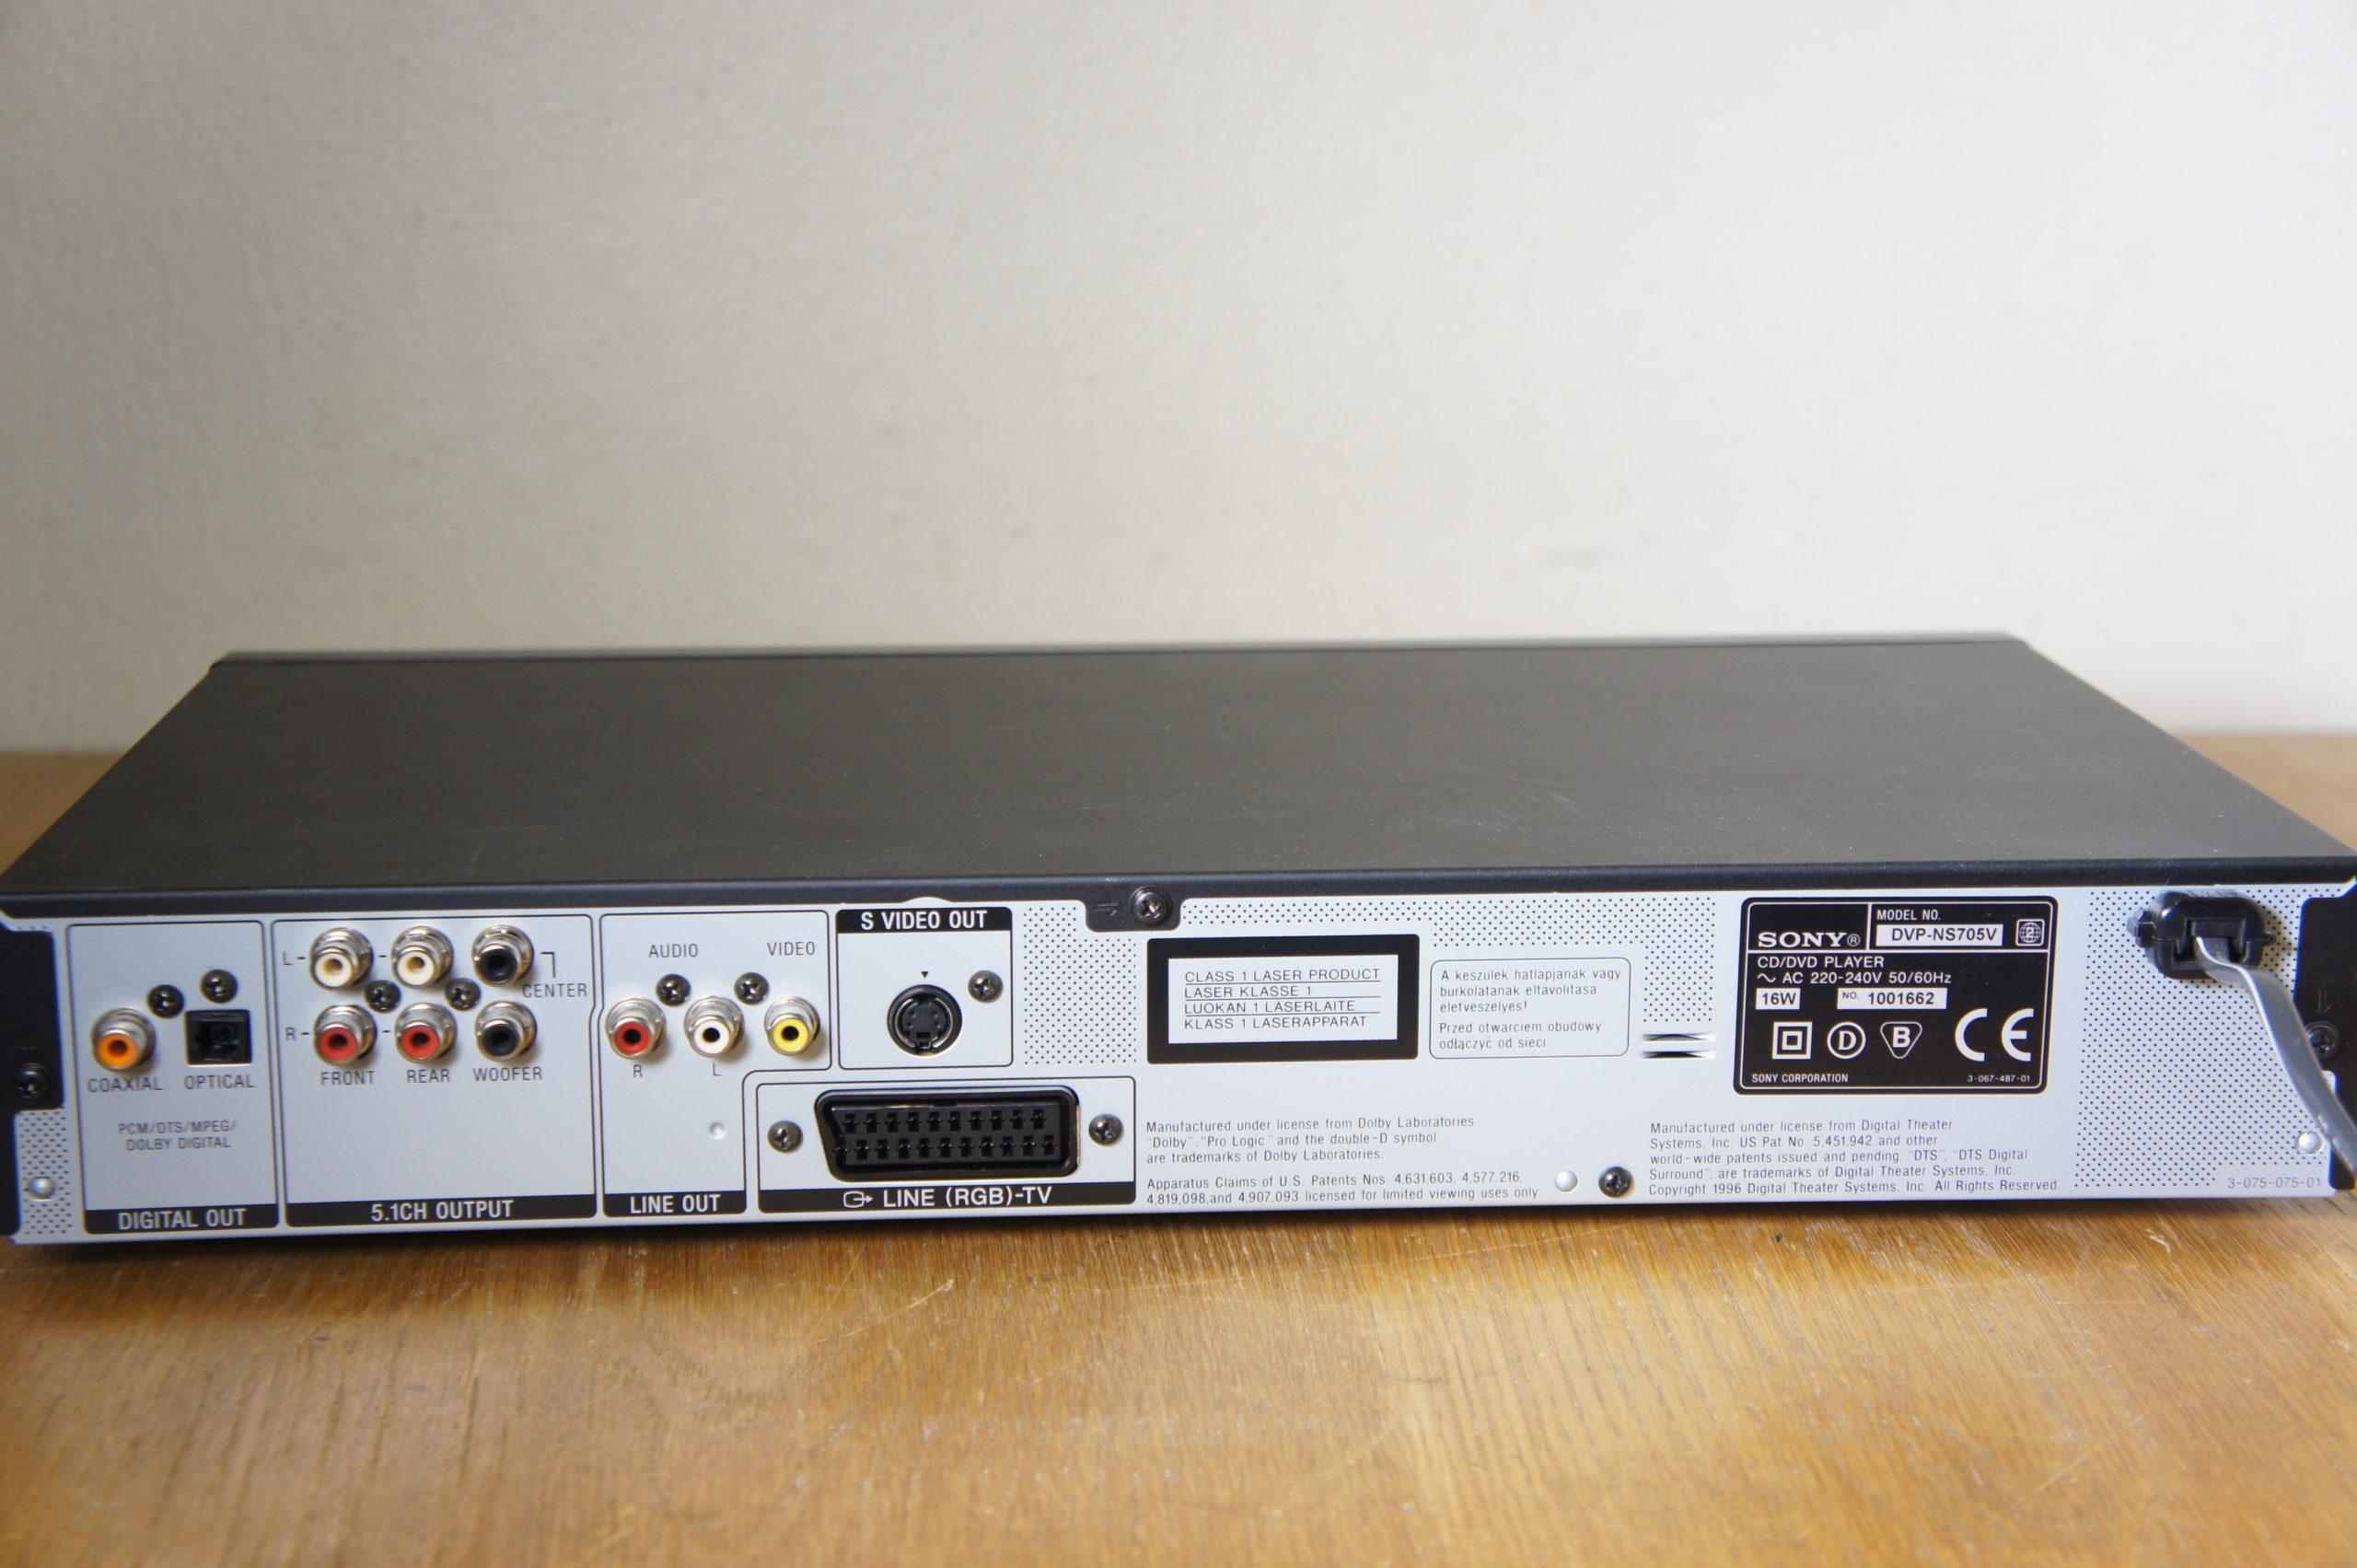 Sony DVP-NS705V